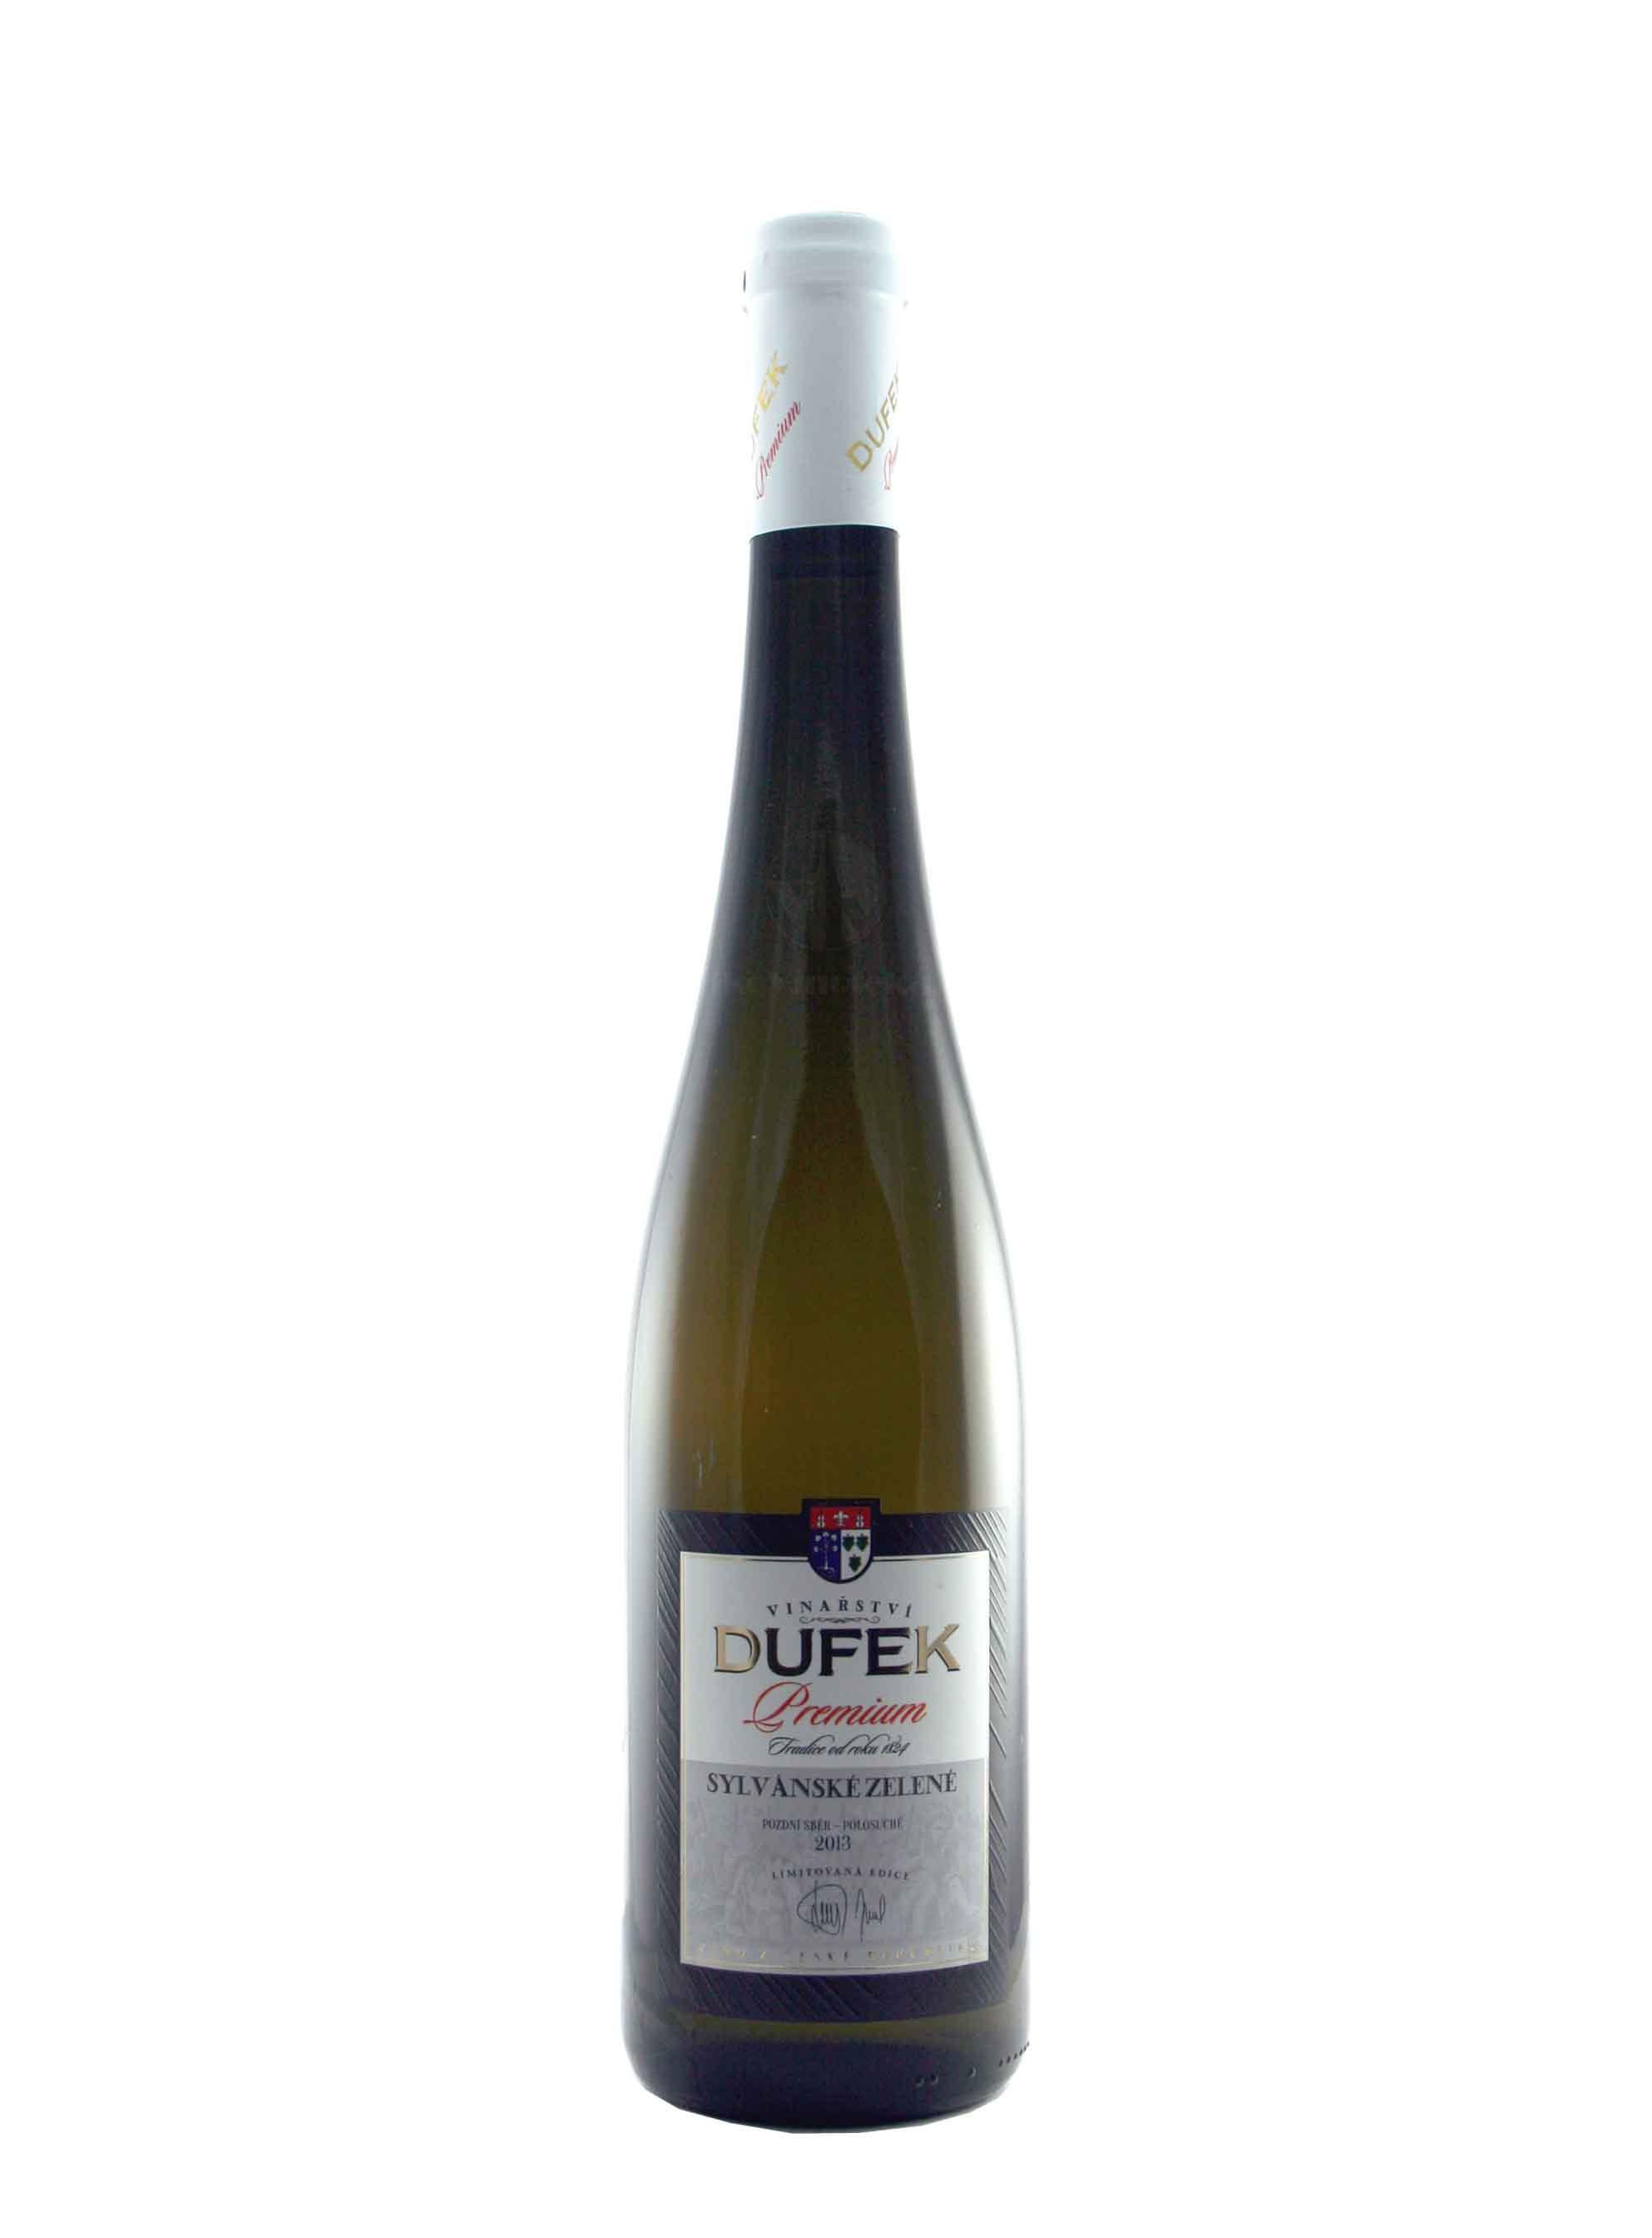 Sylvánské zelené, Premium, Pozdní sběr, 2013, Vinařství Dufek, 0.75 l